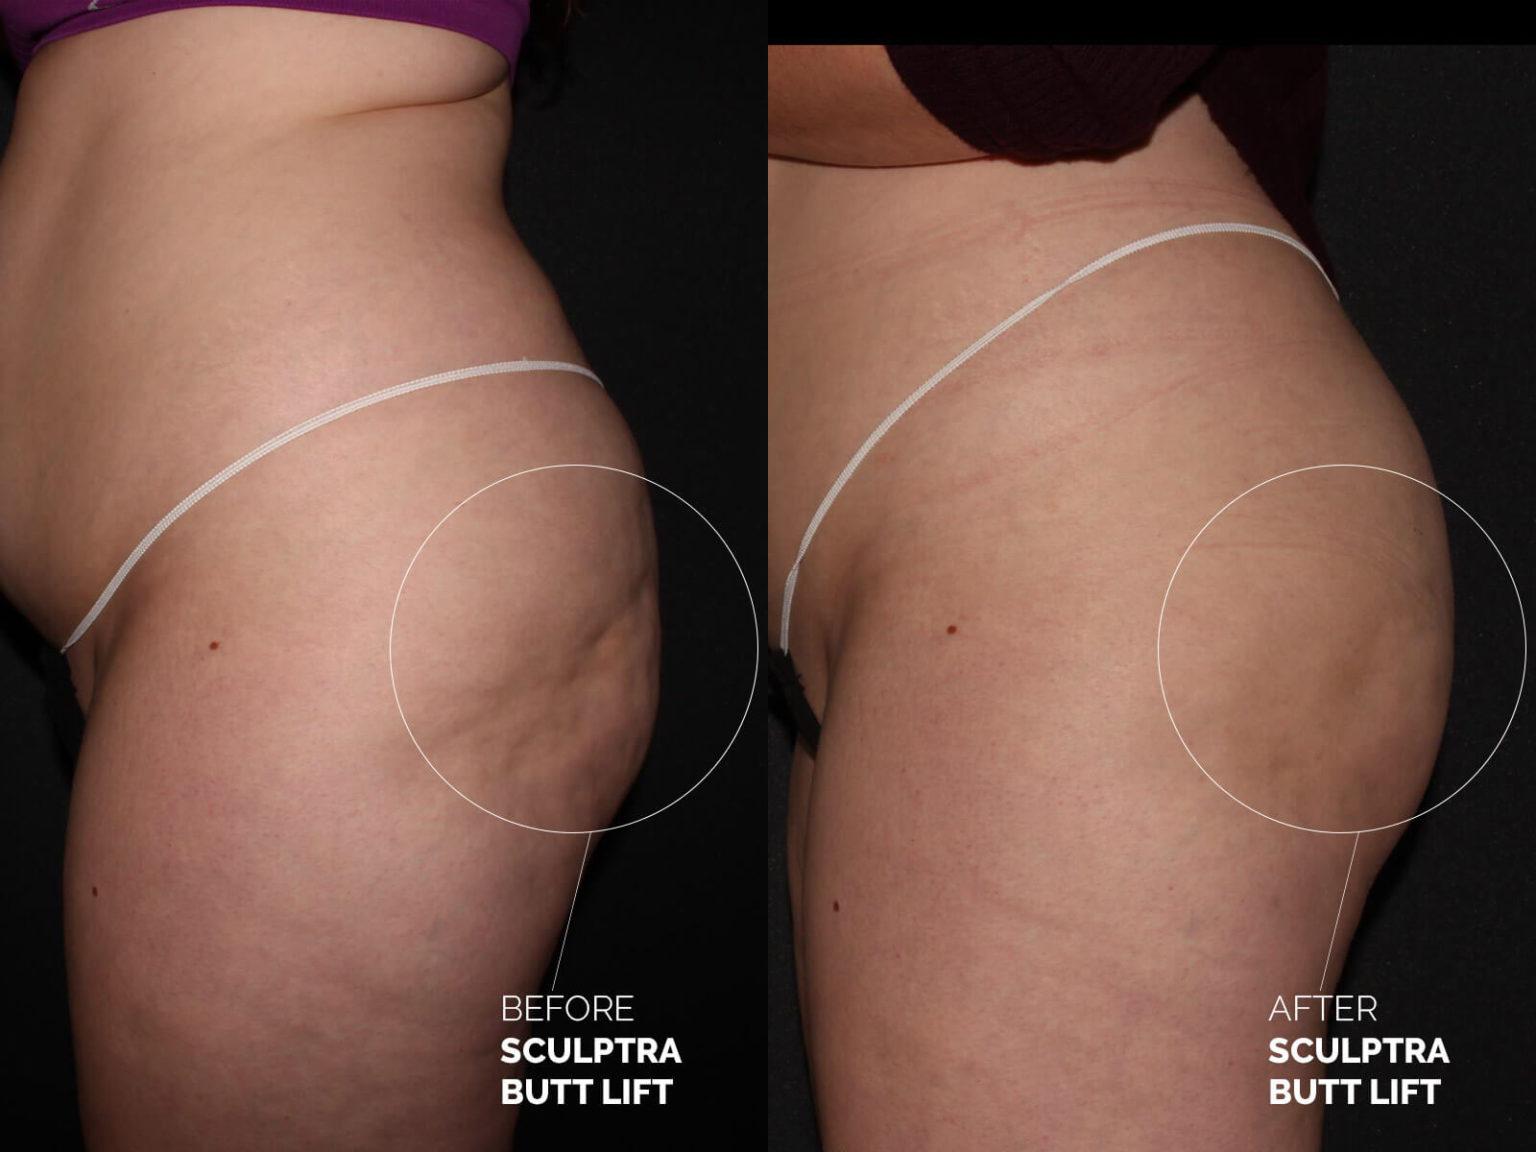 sculptra-butt-lift-before-after